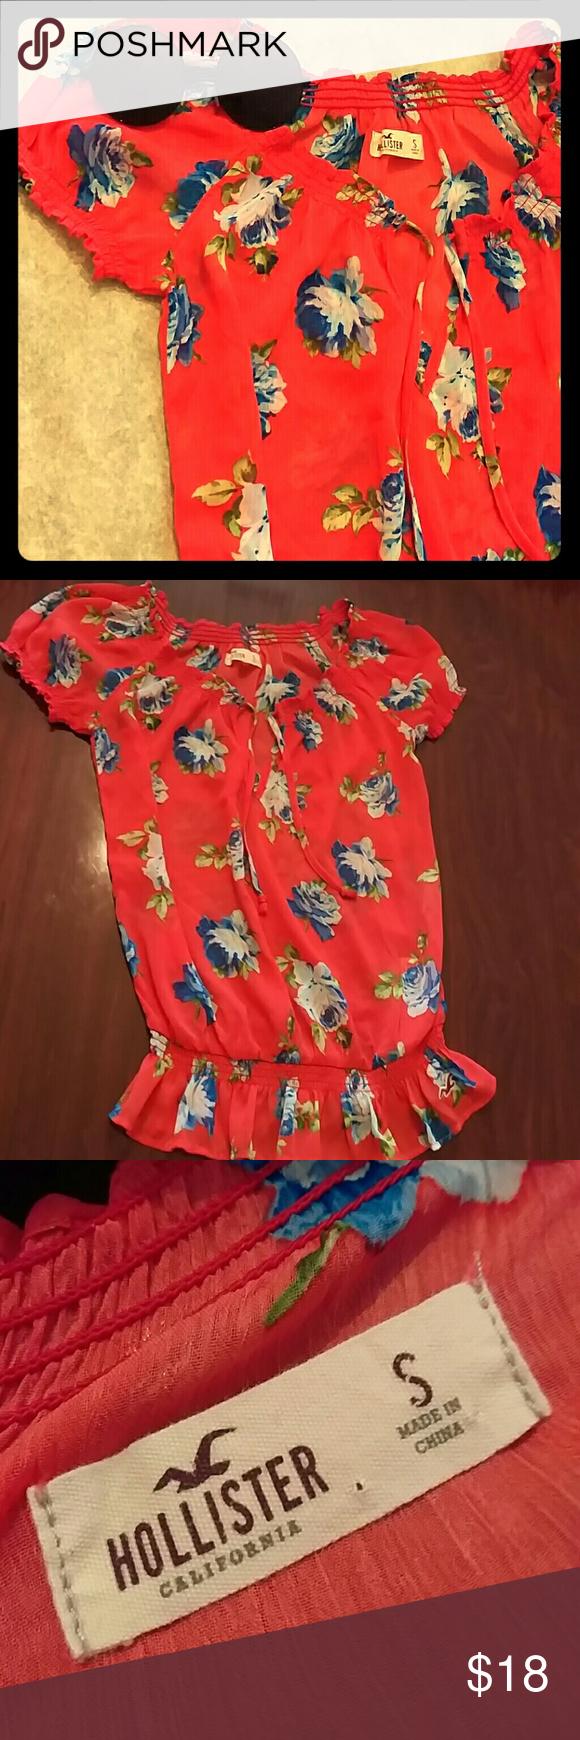 ↘⬇PRiCE DROP⬇↙Beautiful sheer Hollister blouse Red/orange women's sheer …